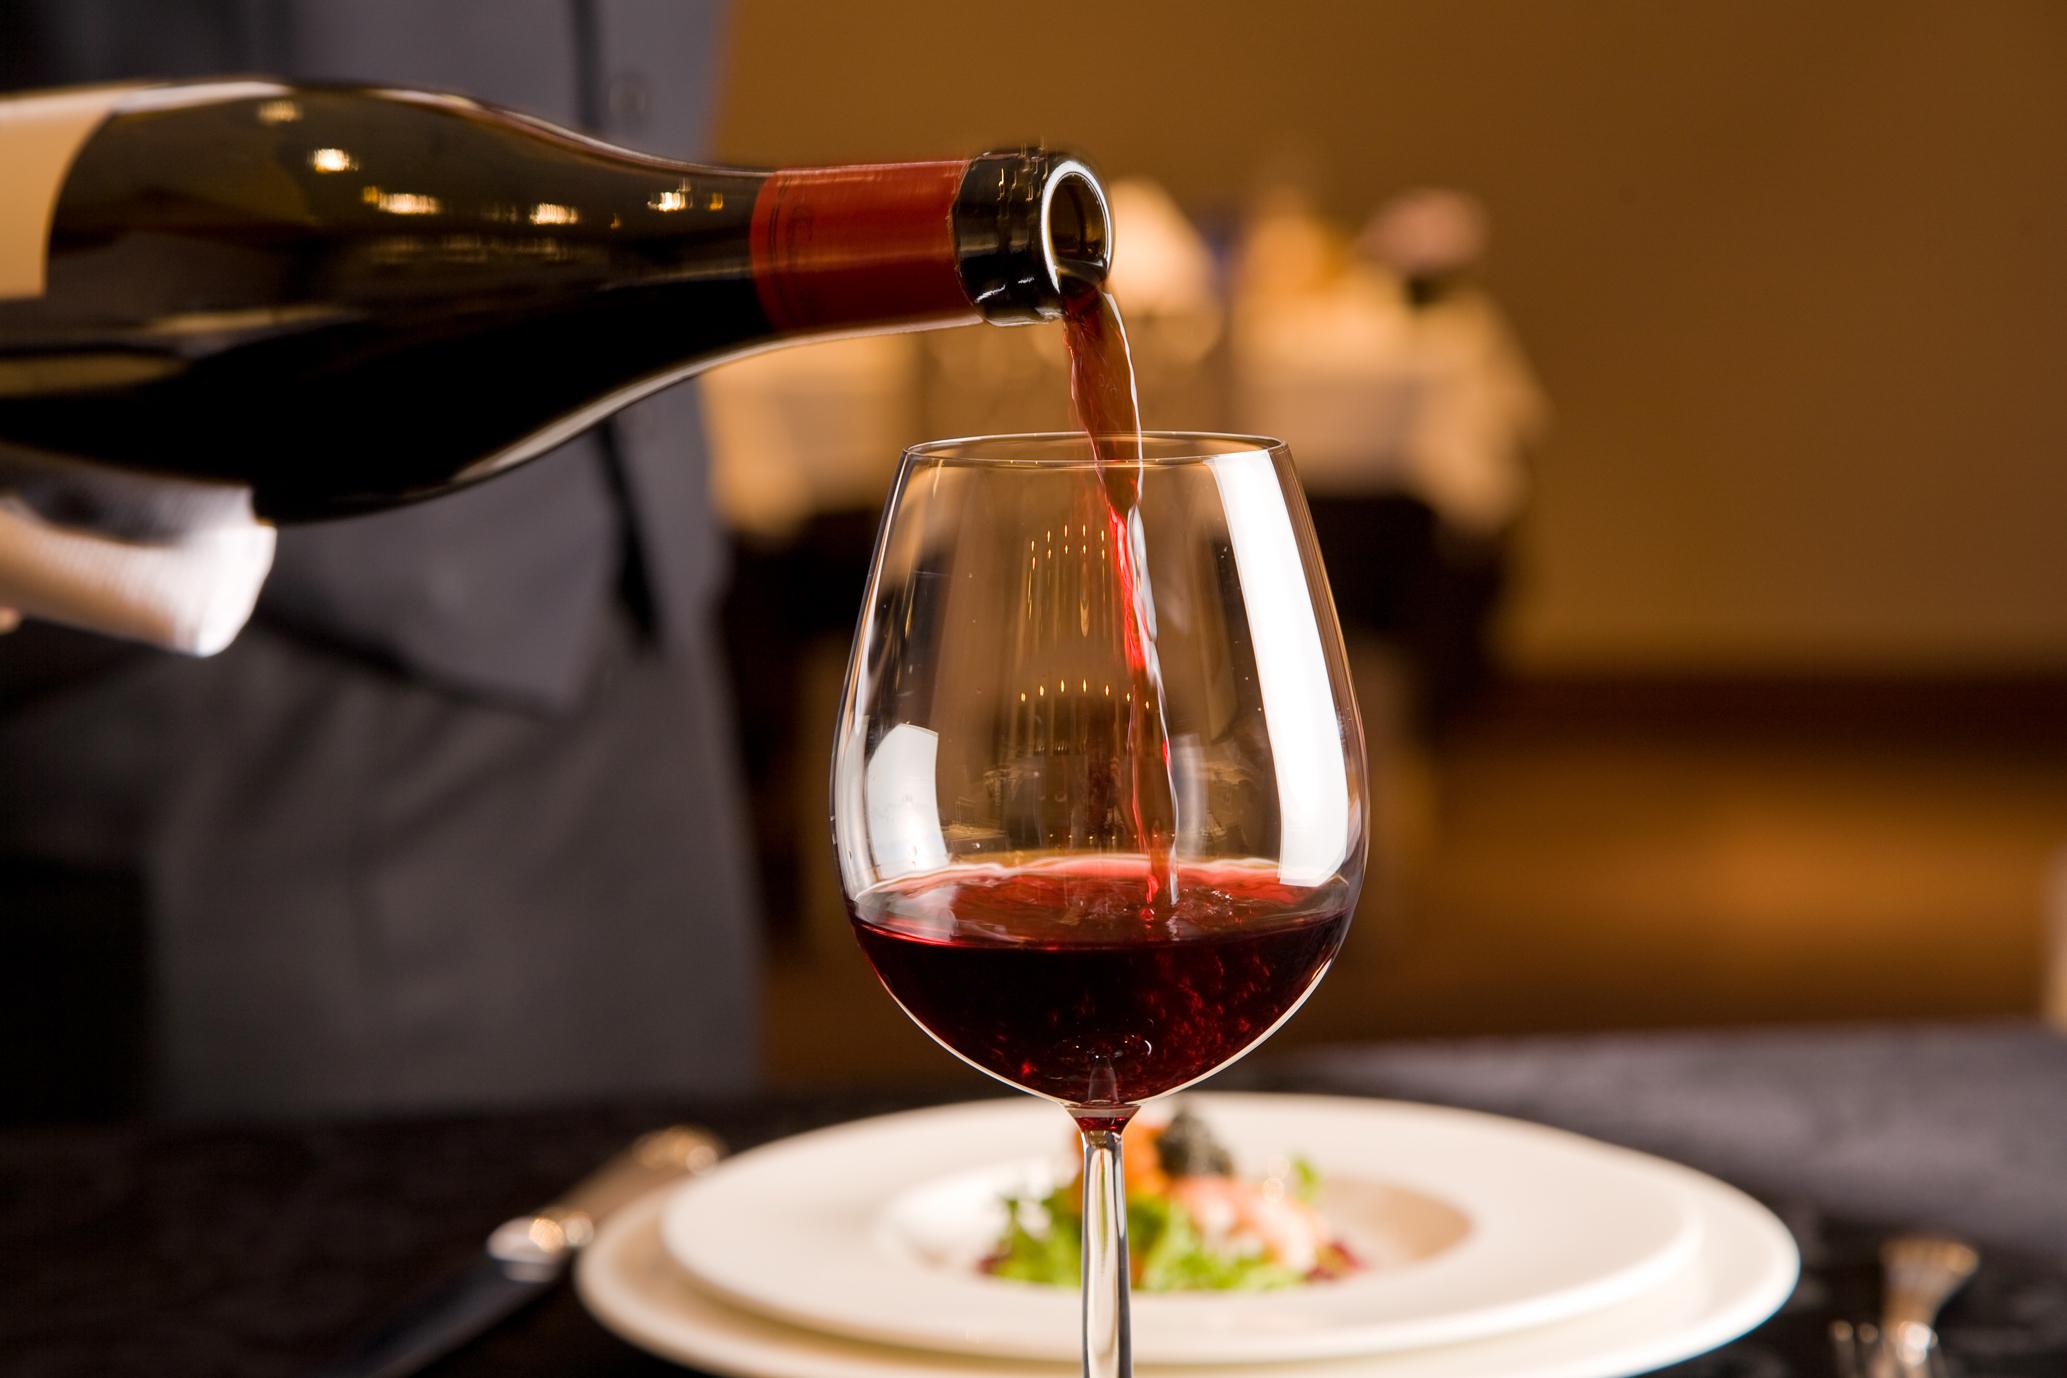 ワインを上手に保存!通販で買える人気の家庭用ワインセラー特集!のサムネイル画像